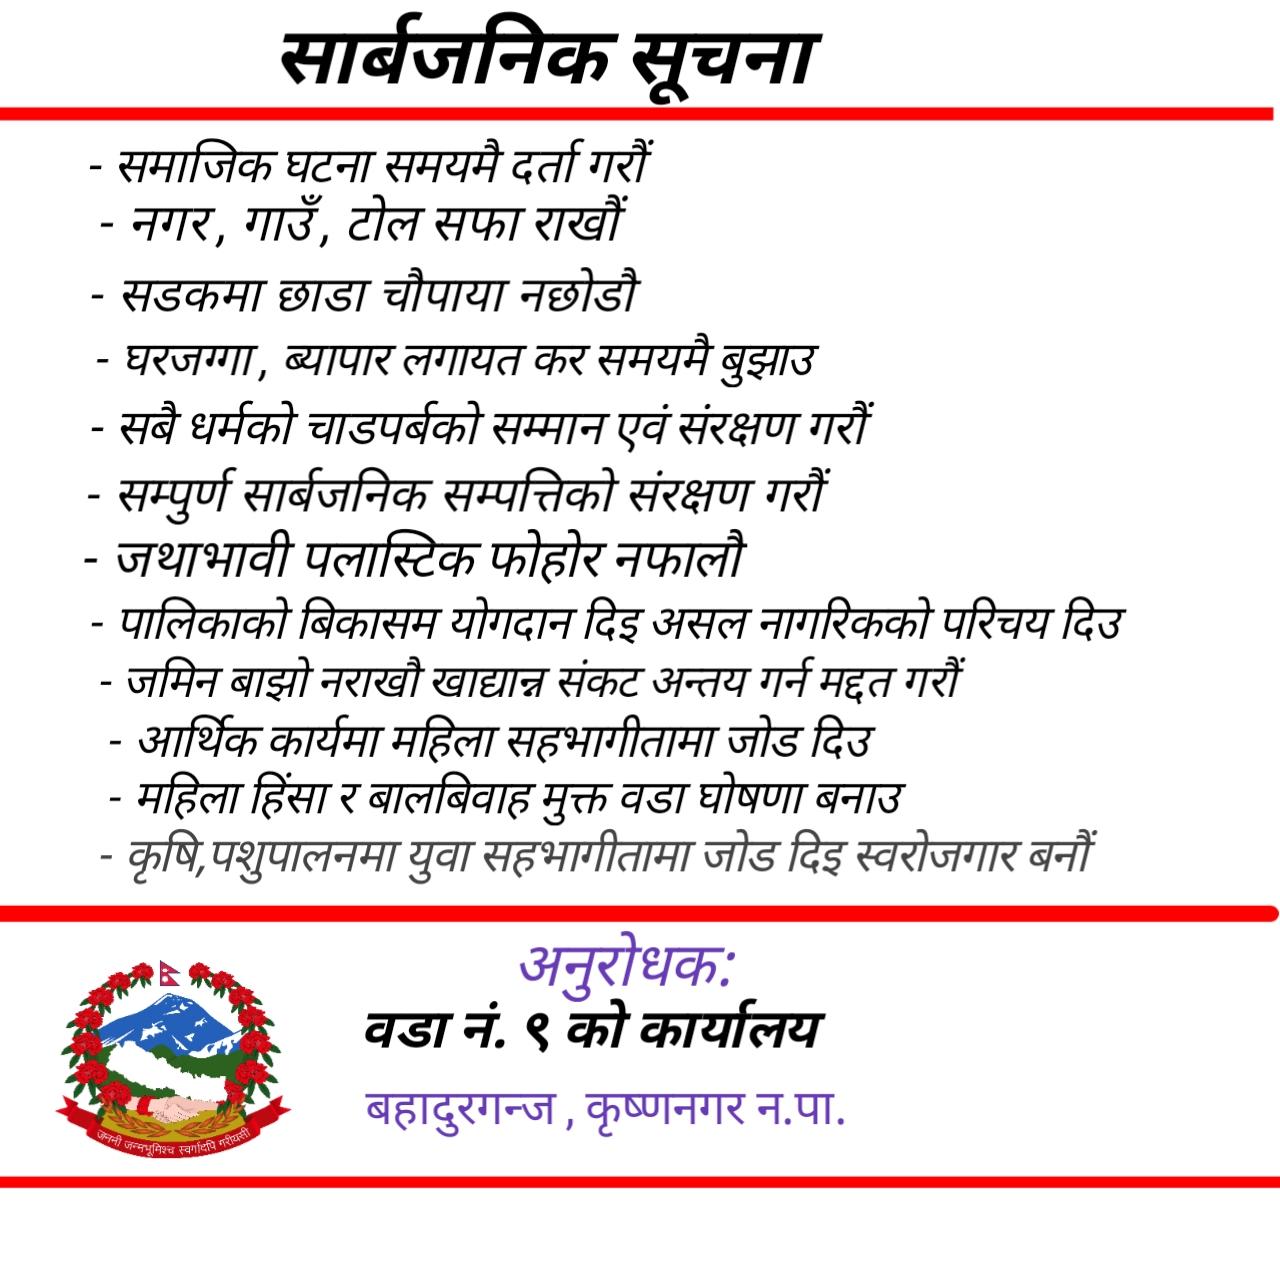 krishnagar-9